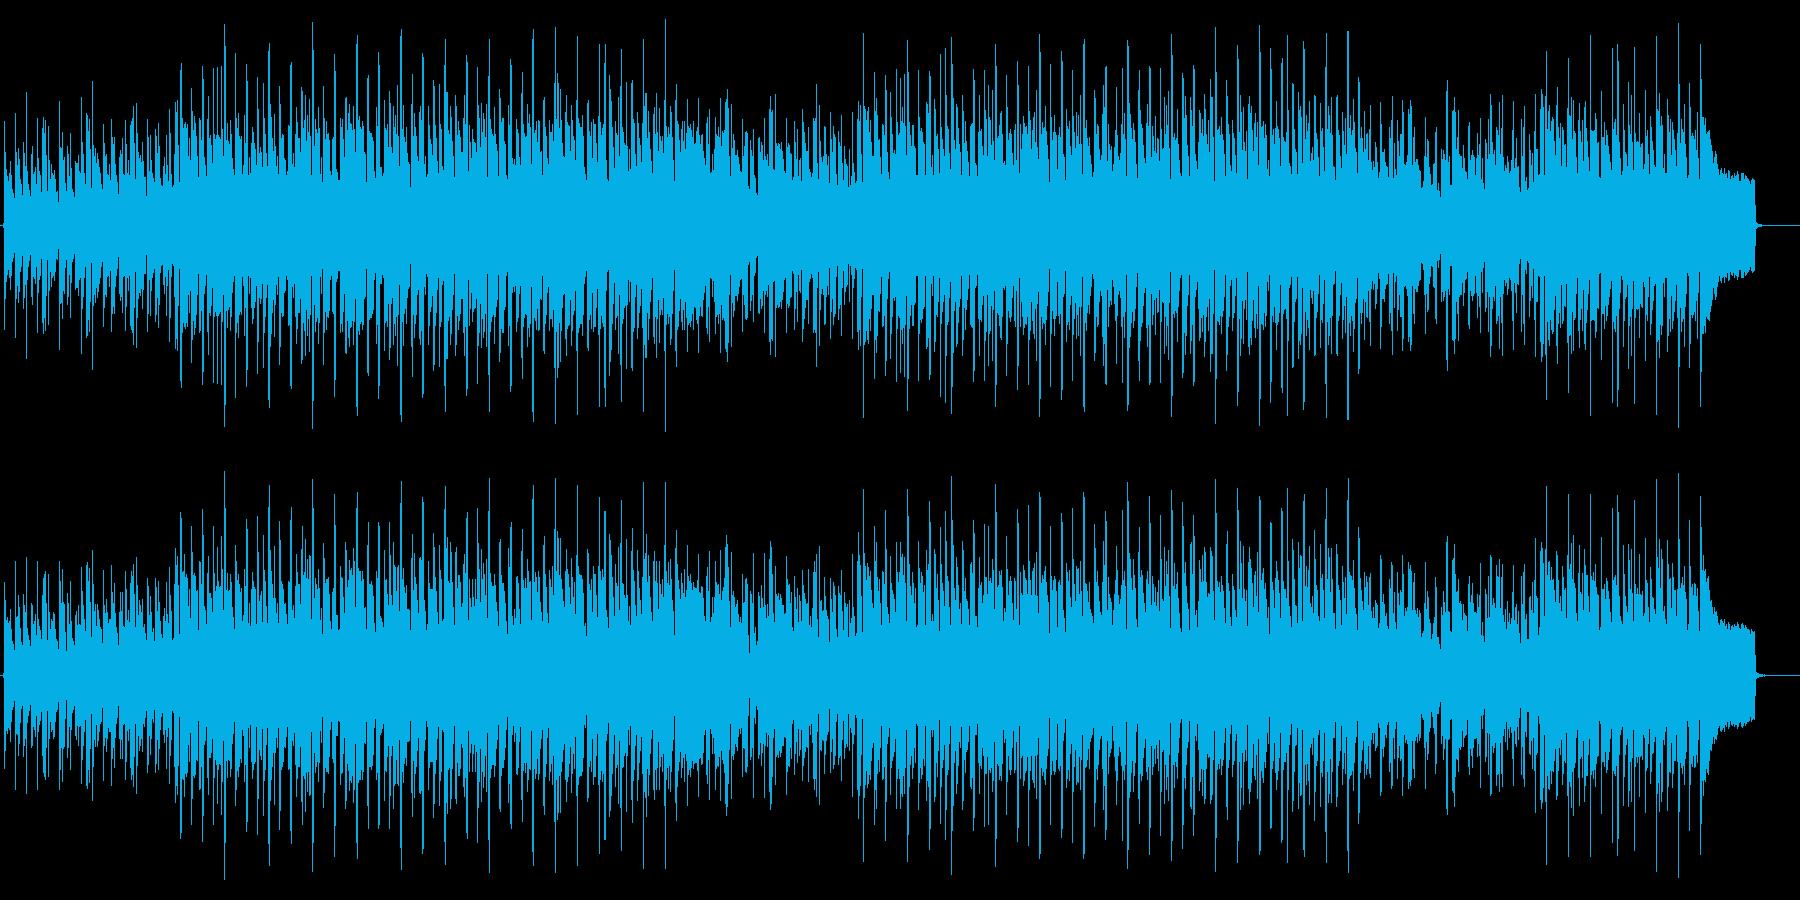 オルガンのゆったりしたBGMの再生済みの波形